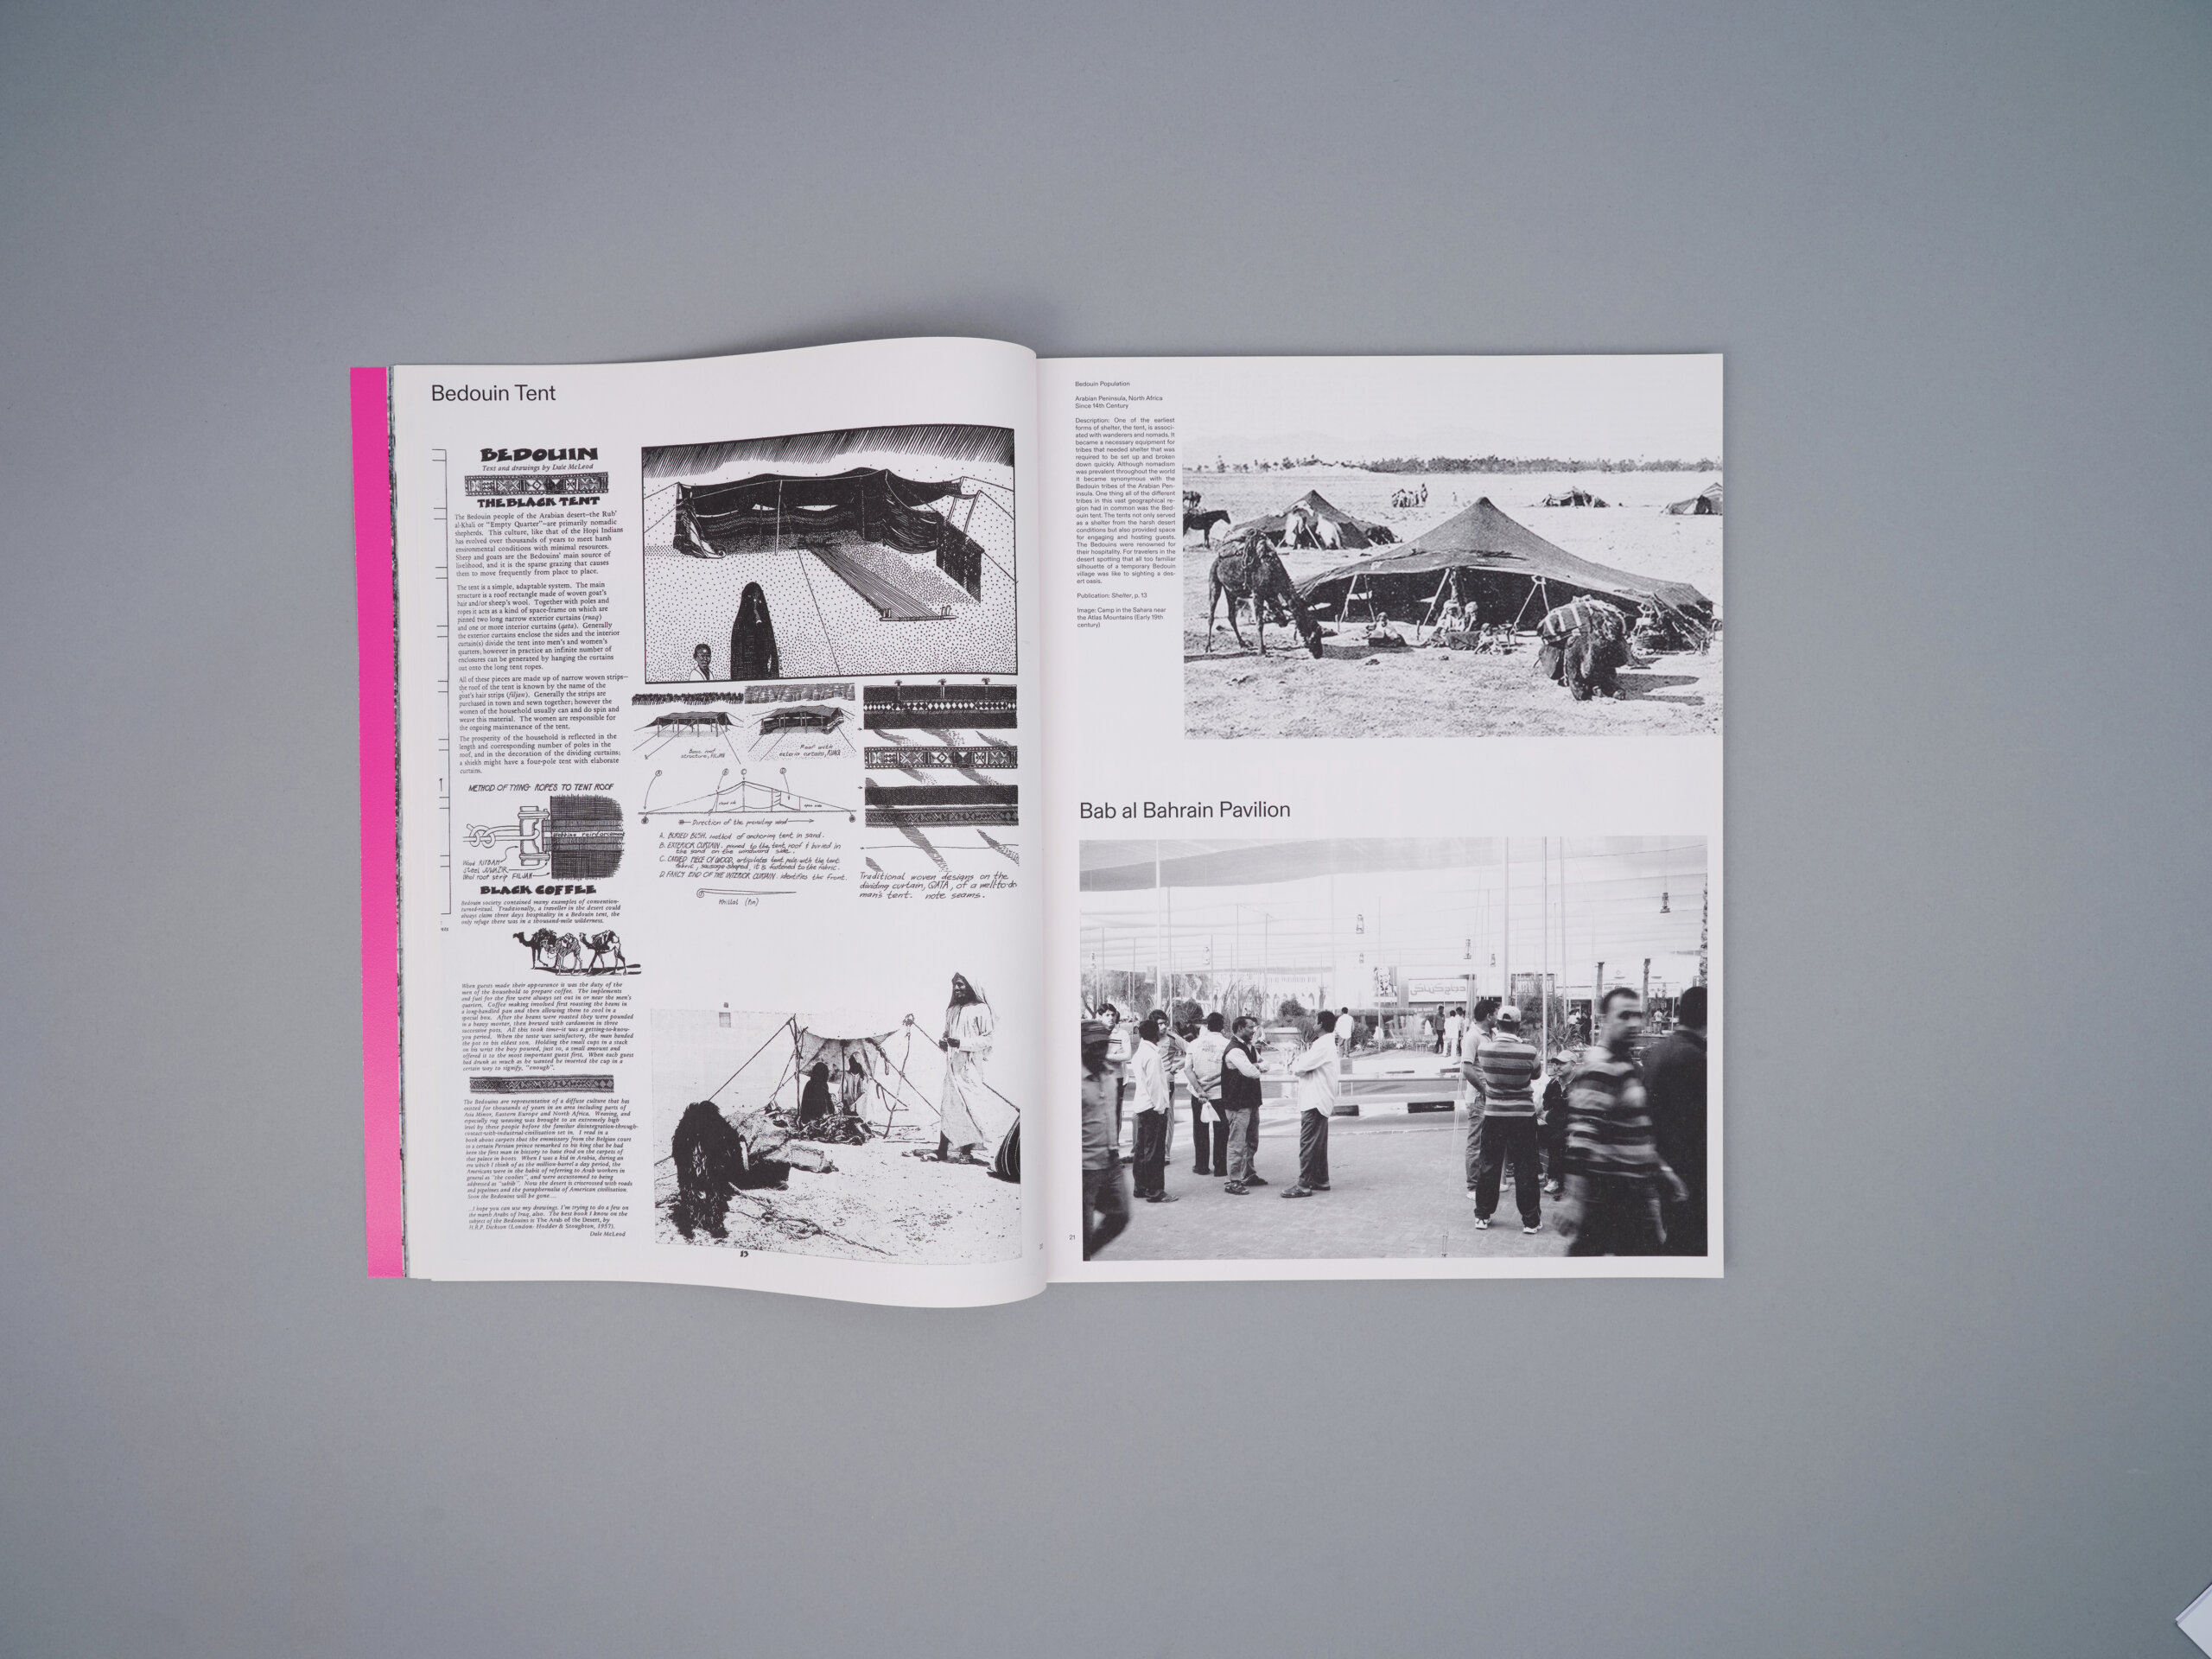 banchini-feireiss-shelter-cookbook-delpire-co